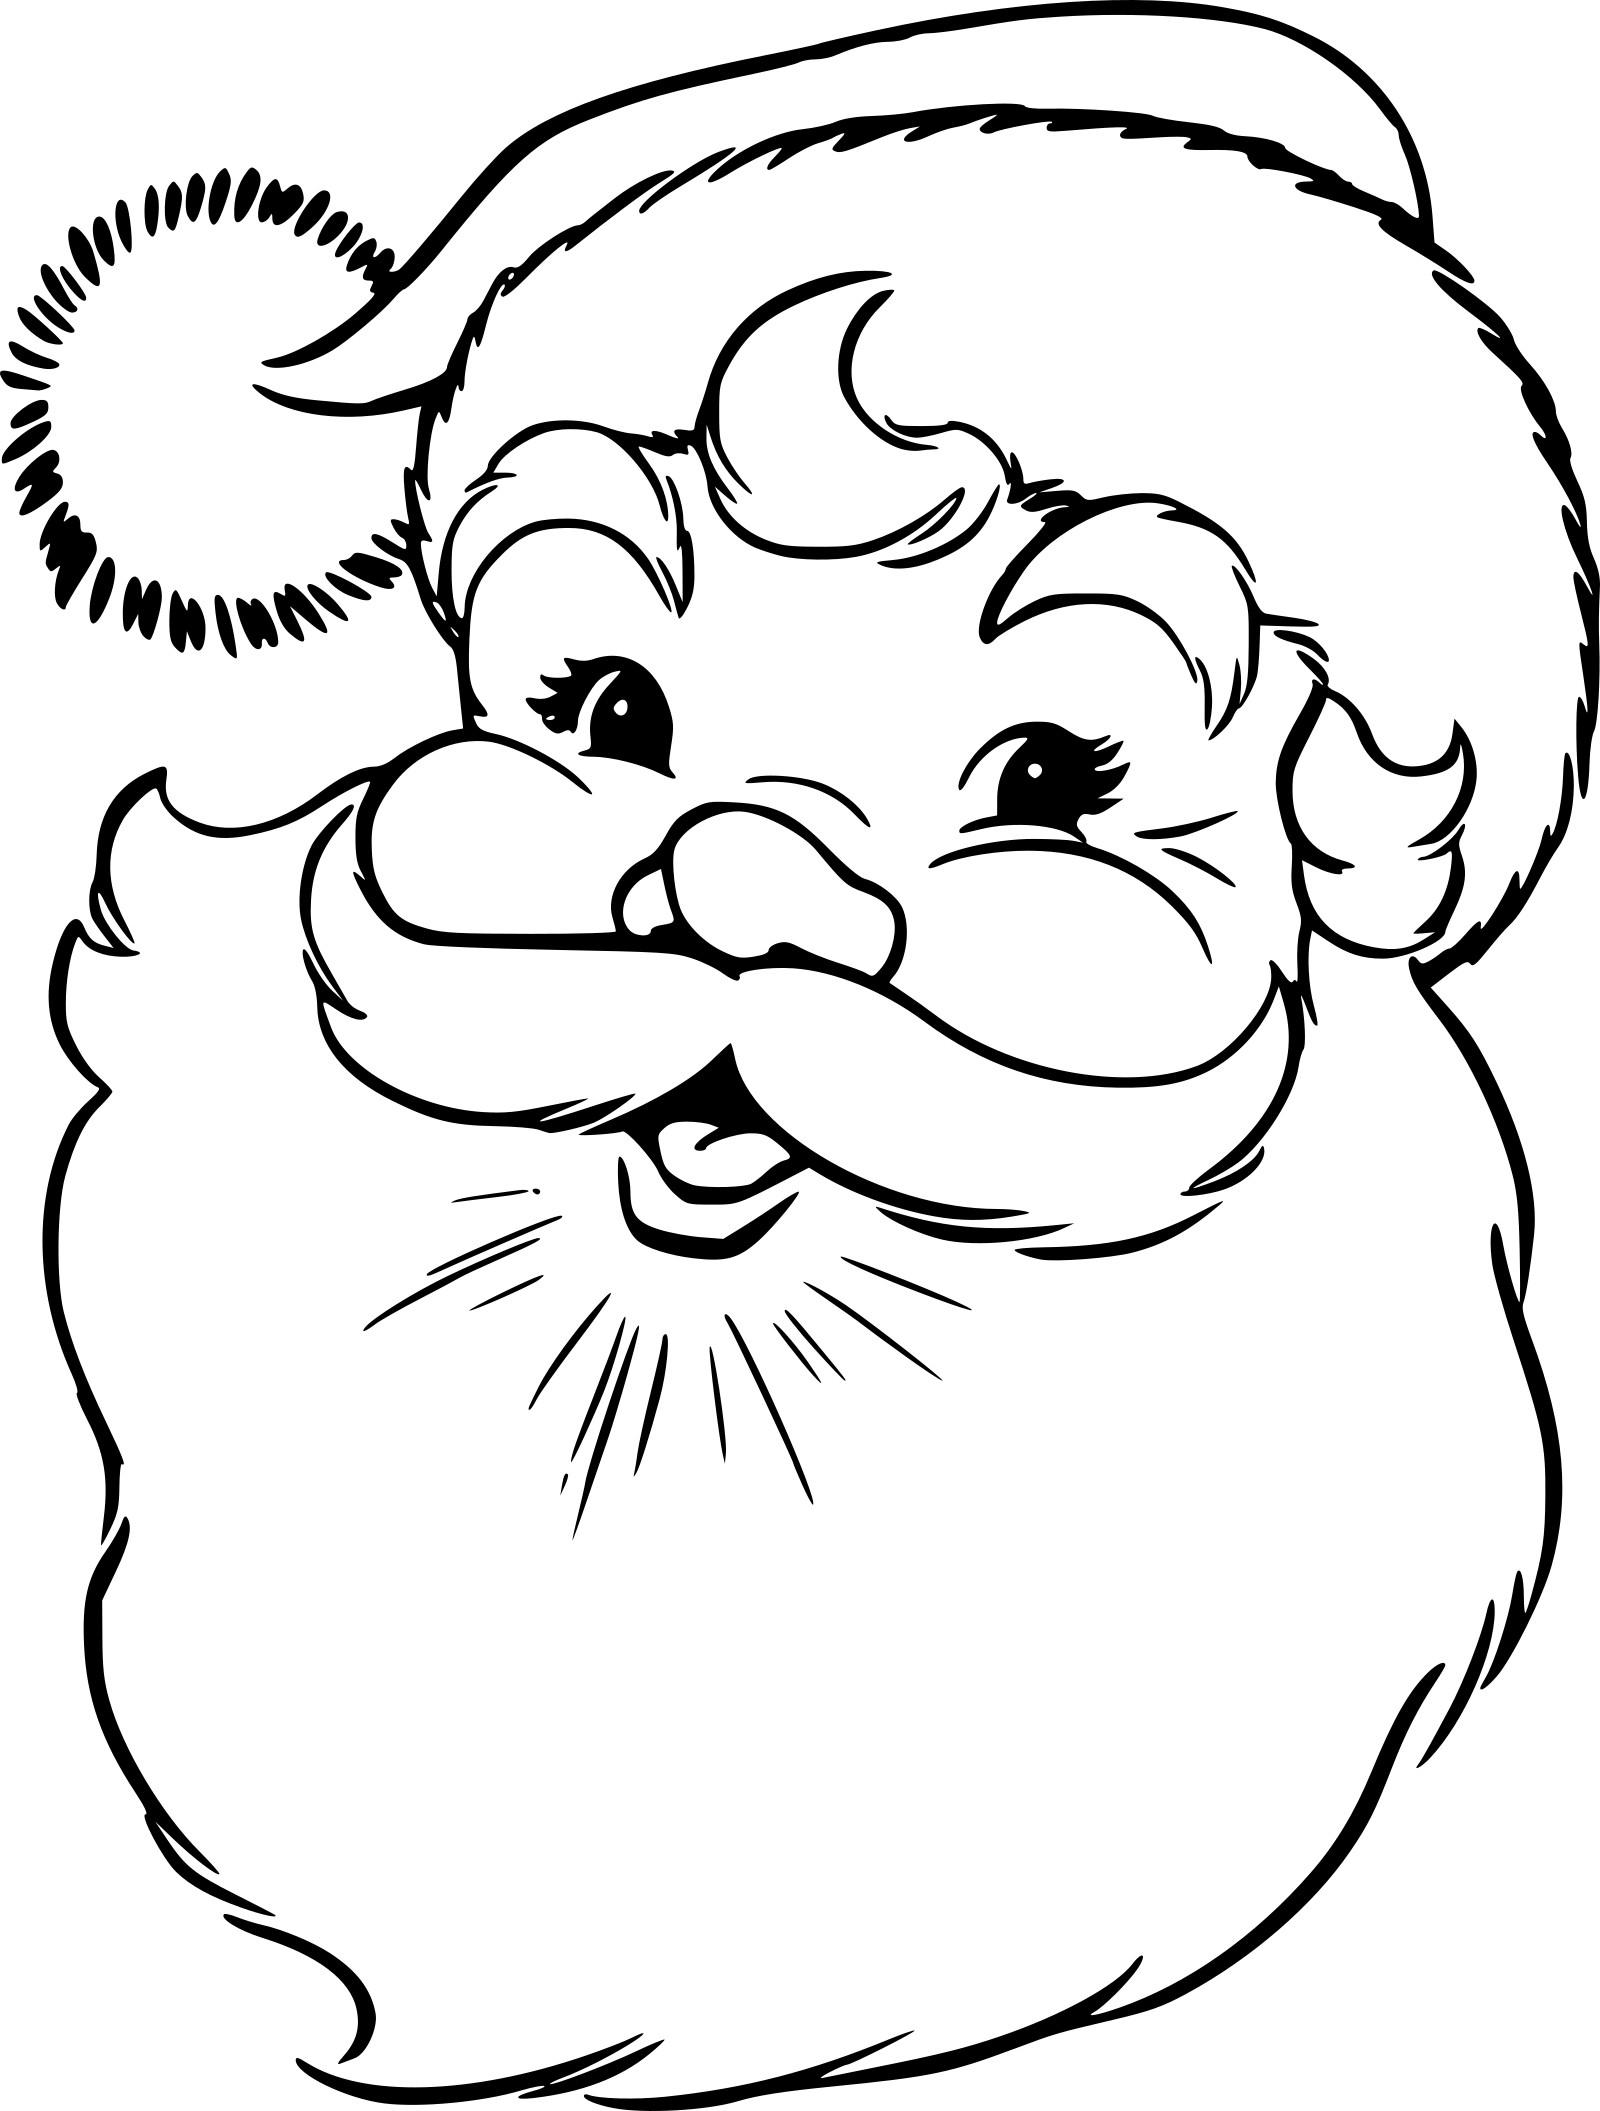 Coloriage Tête Père Noël À Imprimer Sur Coloriages pour Coloriage De Père Noel Gratuit A Imprimer